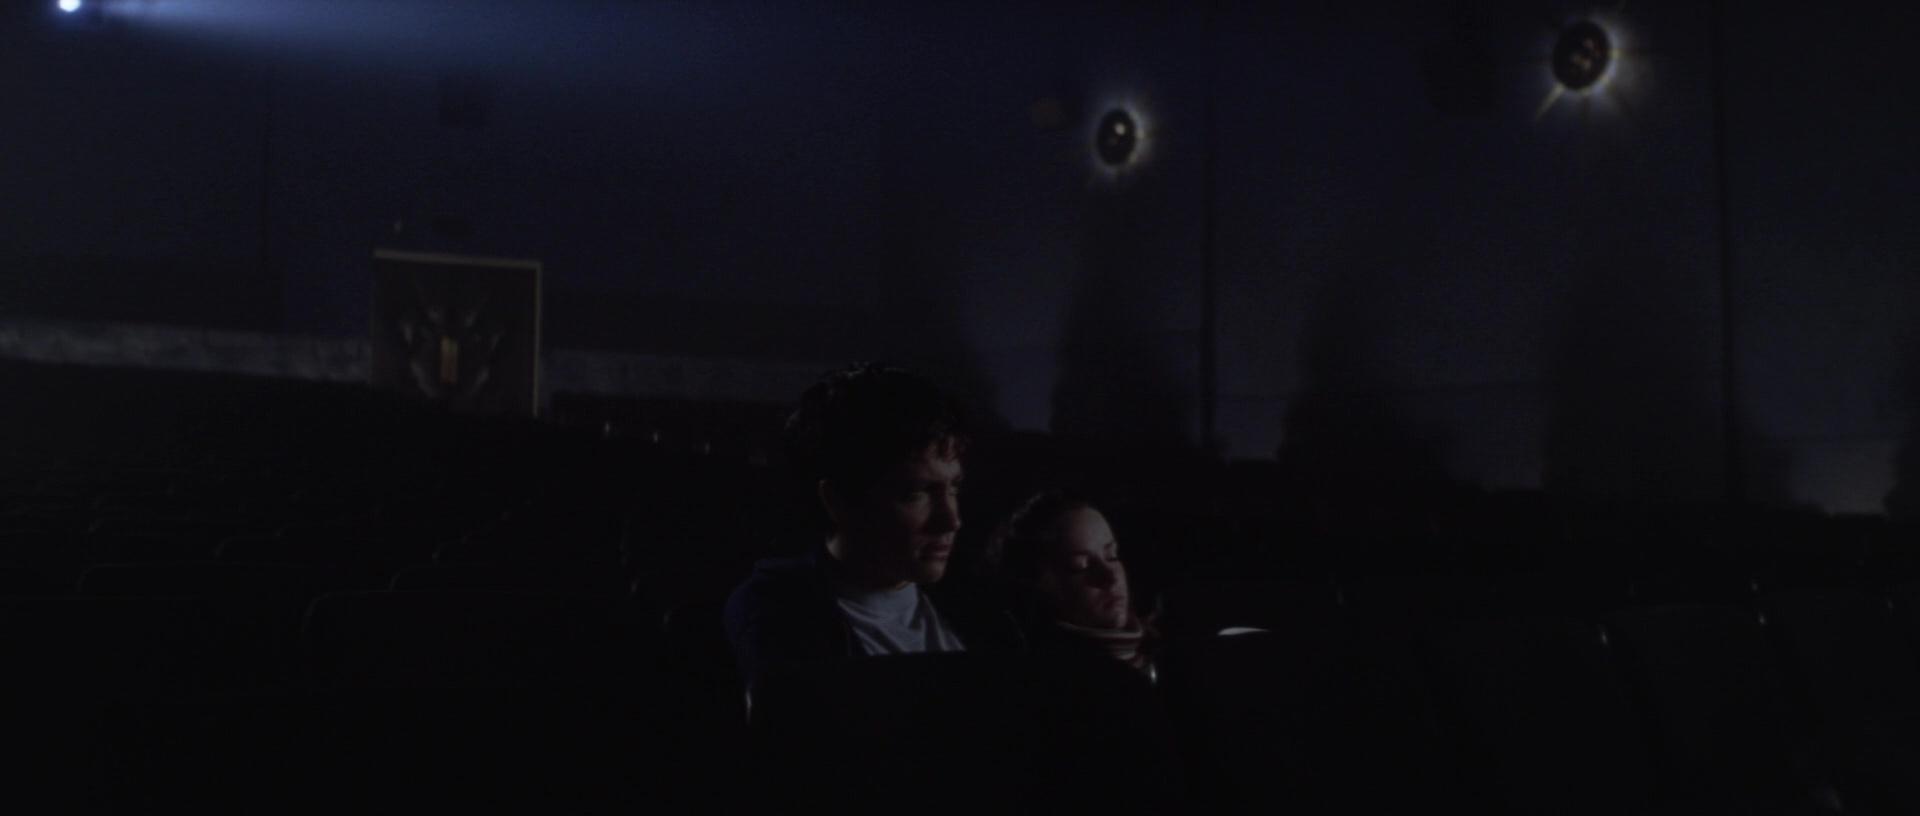 Donnie Darko film still 3